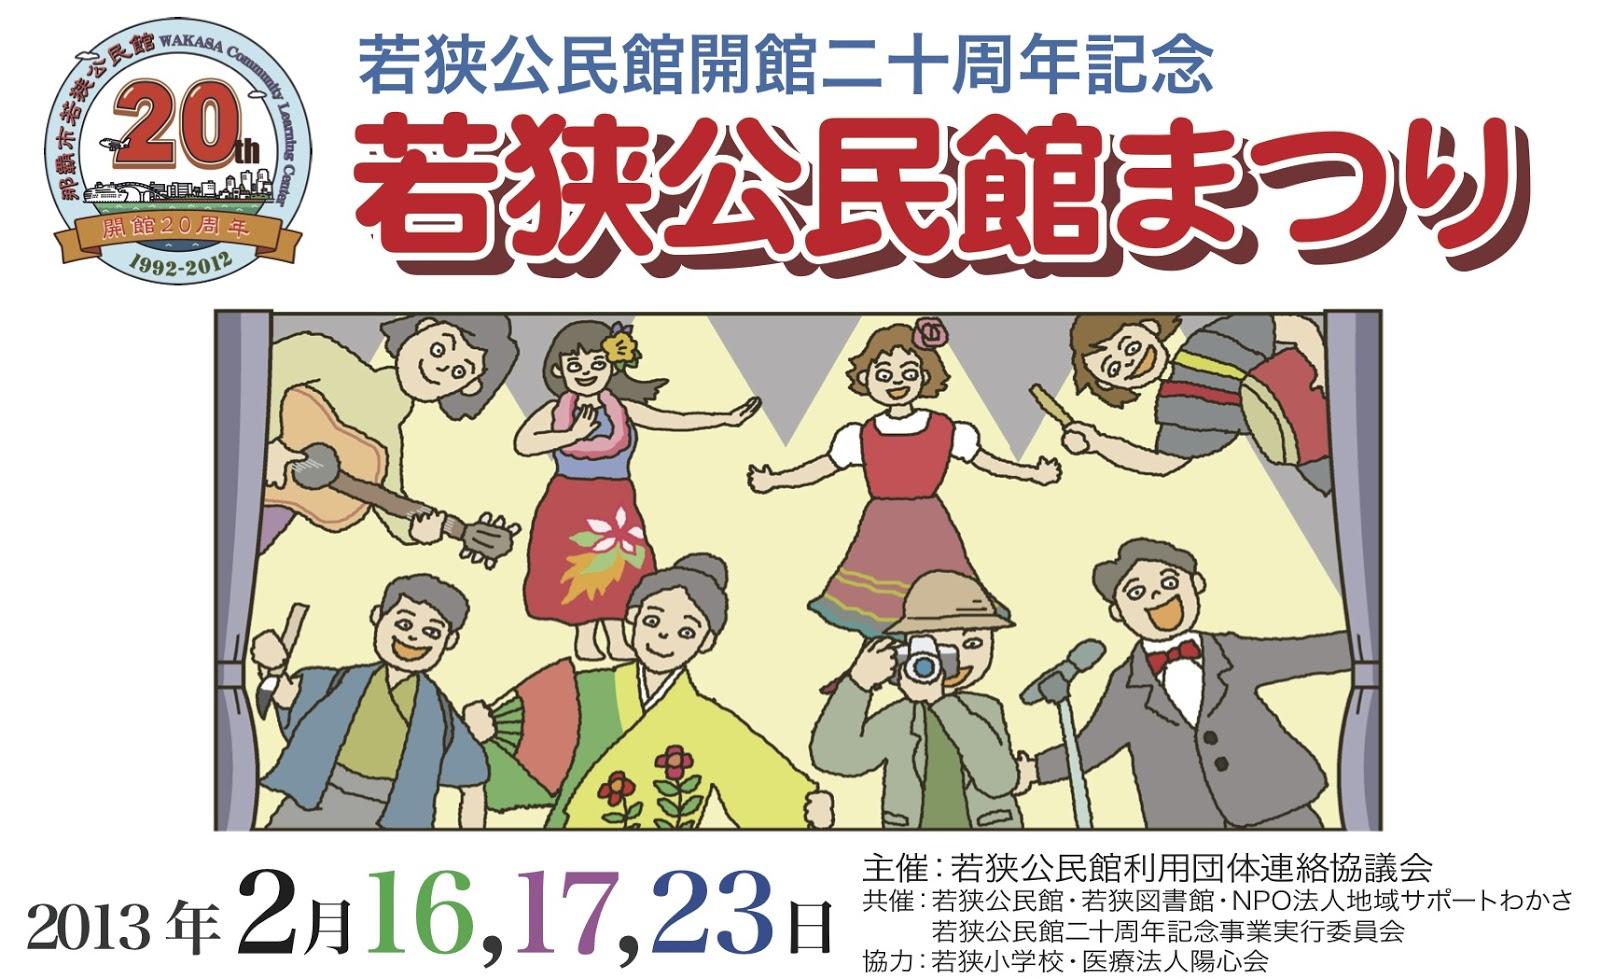 公民館つれづれ日記: 20周年記念「若狭公民館まつり」